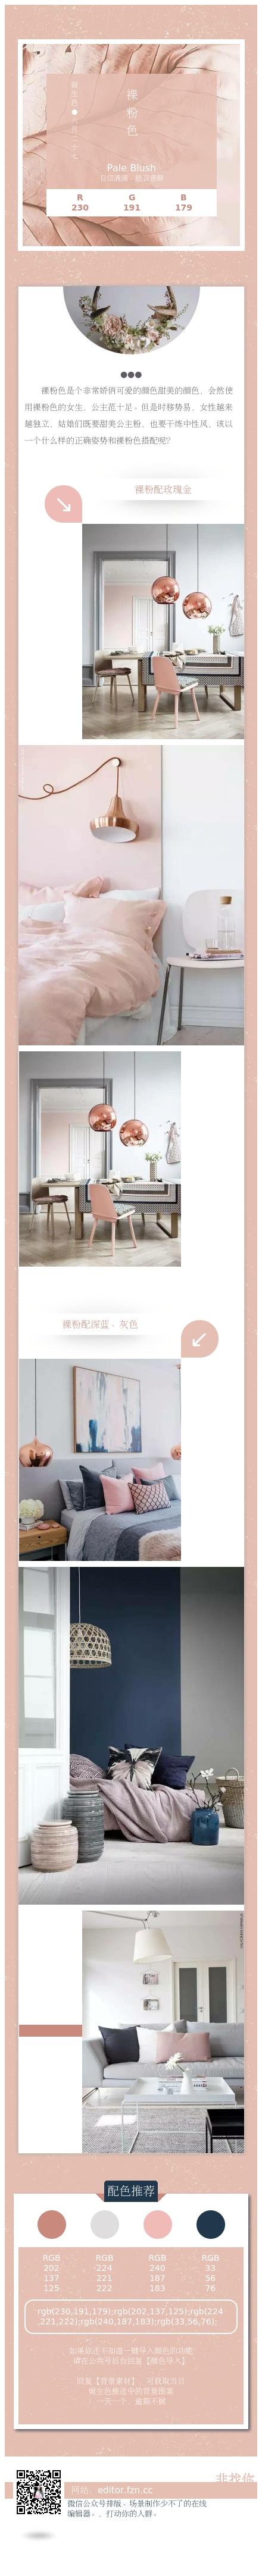 裸粉色粉红色小清新订阅号文章多图少文模板